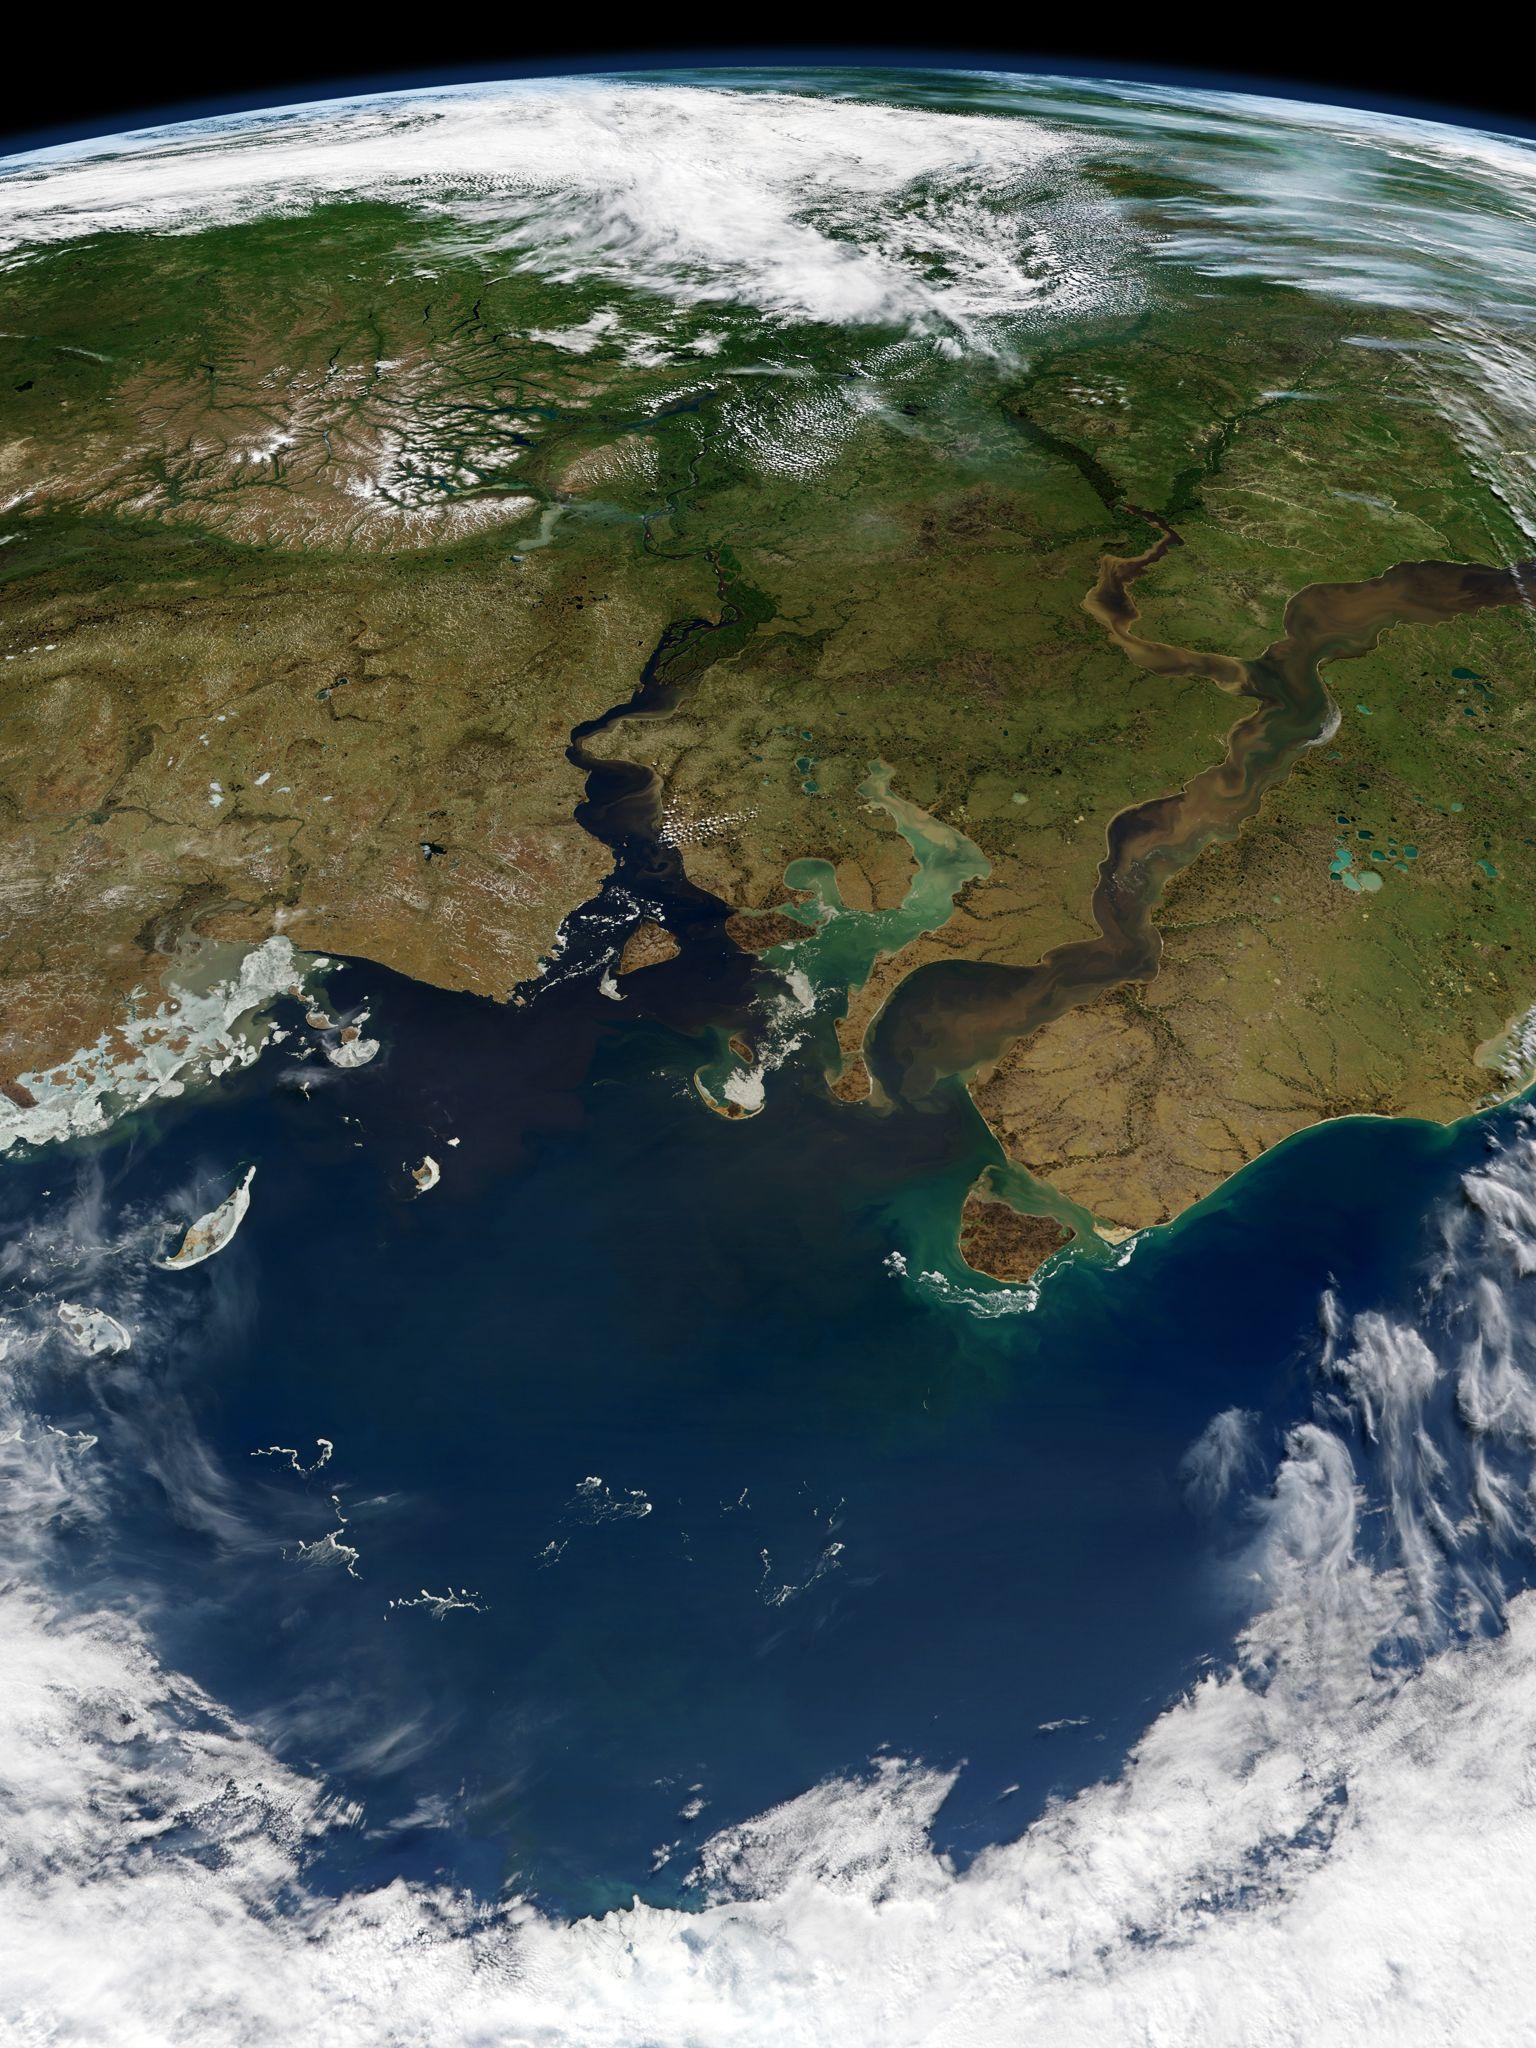 Kara Sea, Gulf of Ob, Yenisei Bay view from orbit